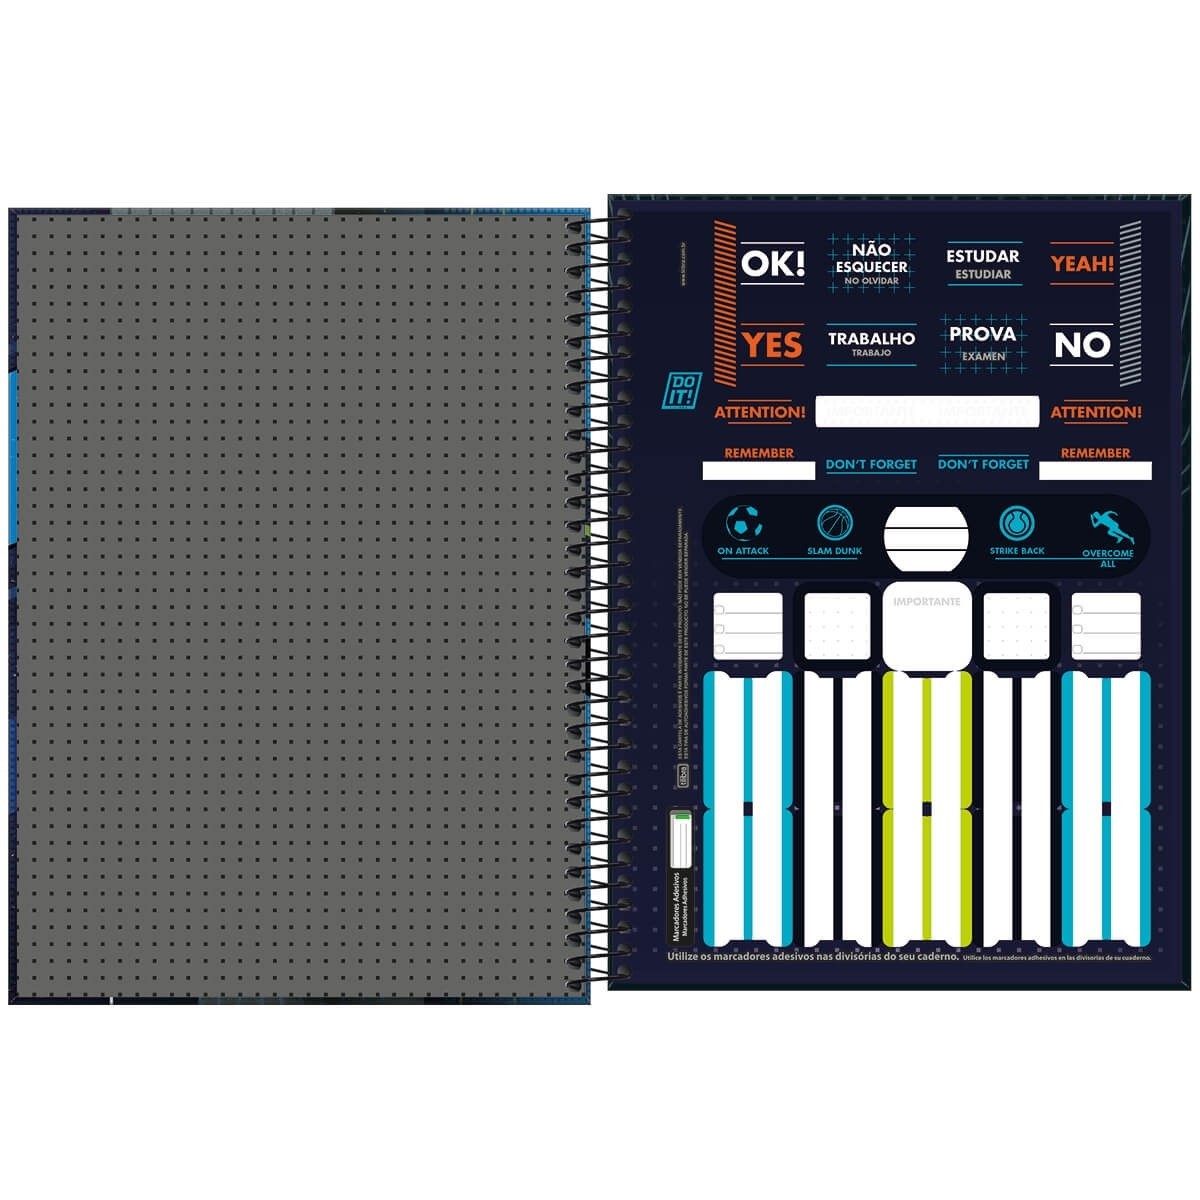 Caderno Espiral Capa Dura Universitário 1 Matéria Do It! 80 Folhas Tilibra